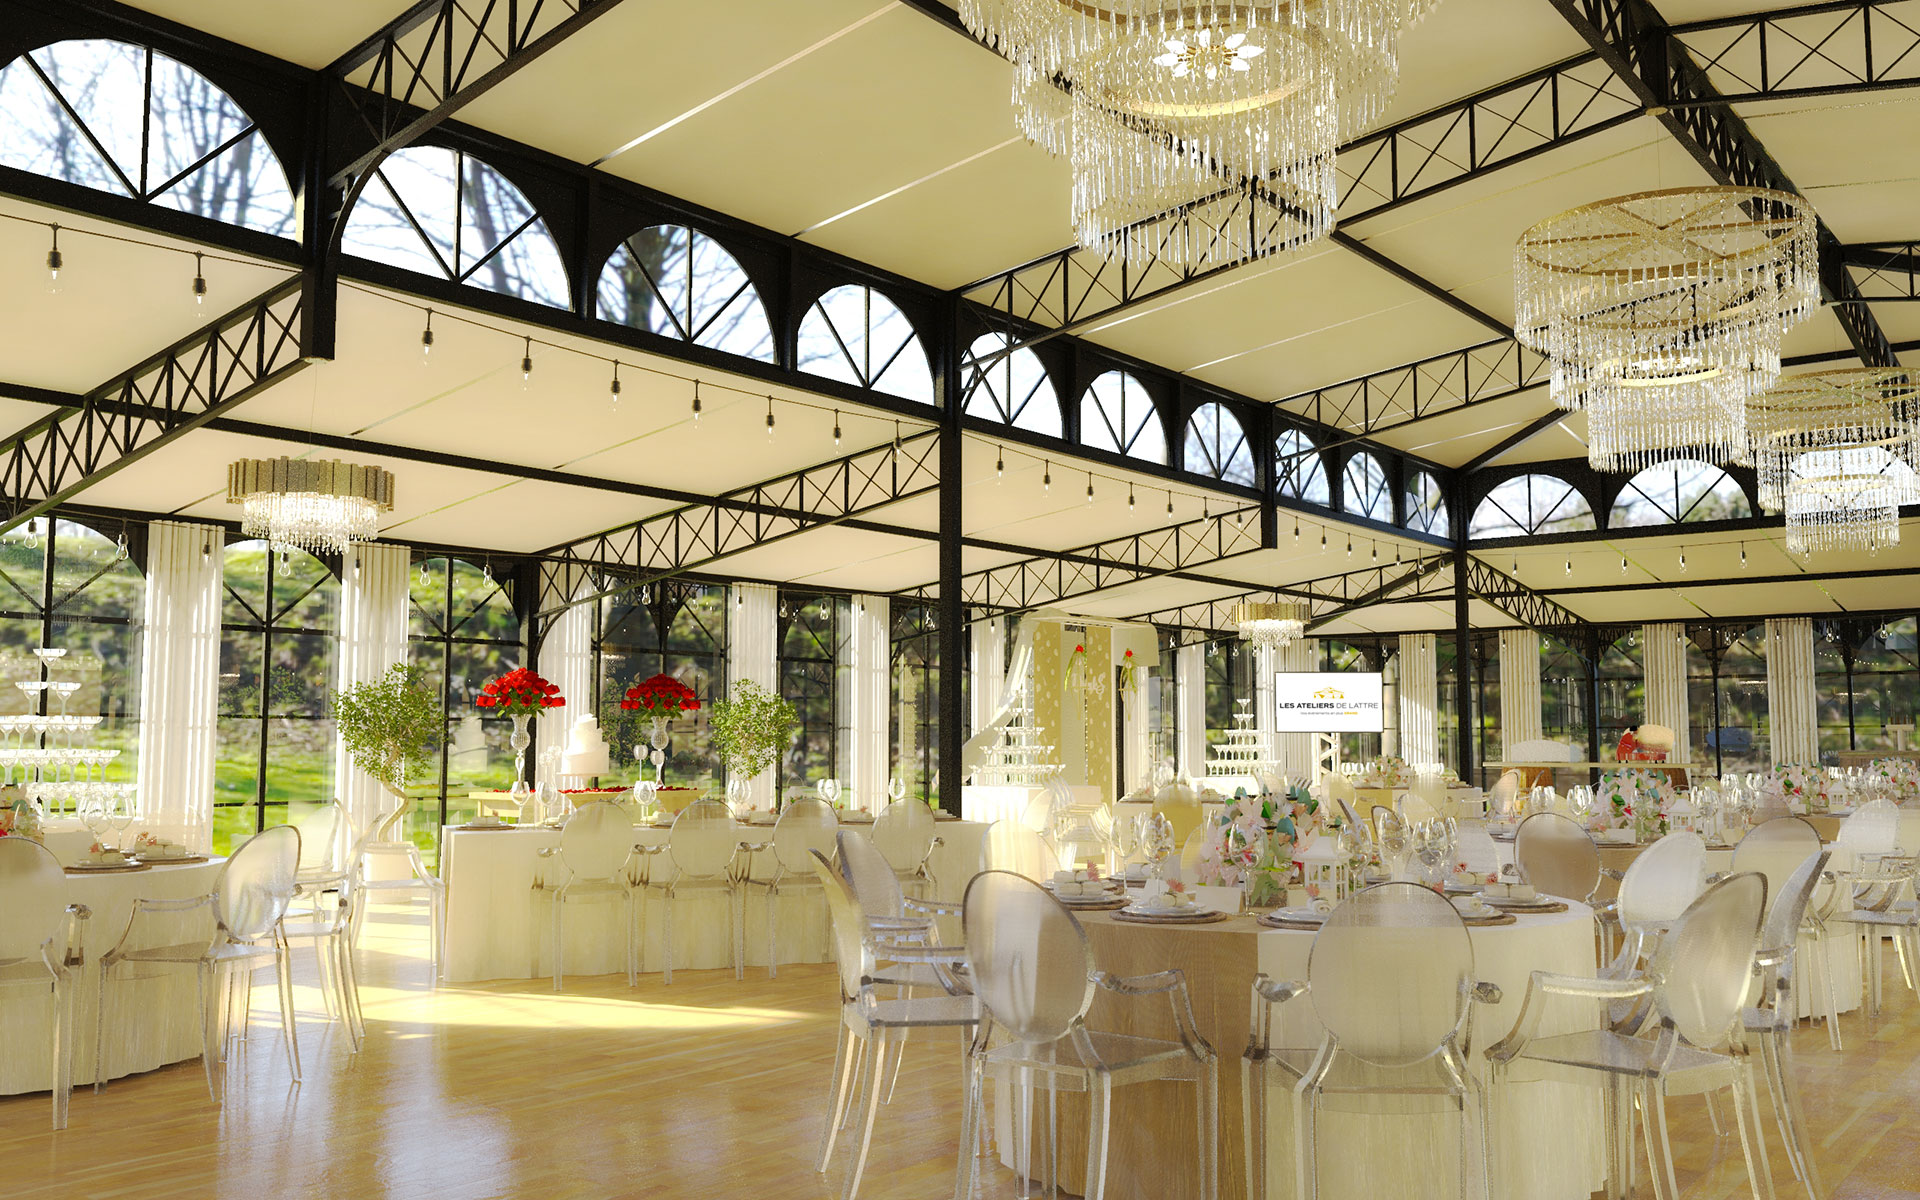 Les Ateliers de Lattre - fabricant d'orangeries éphémères haute conception